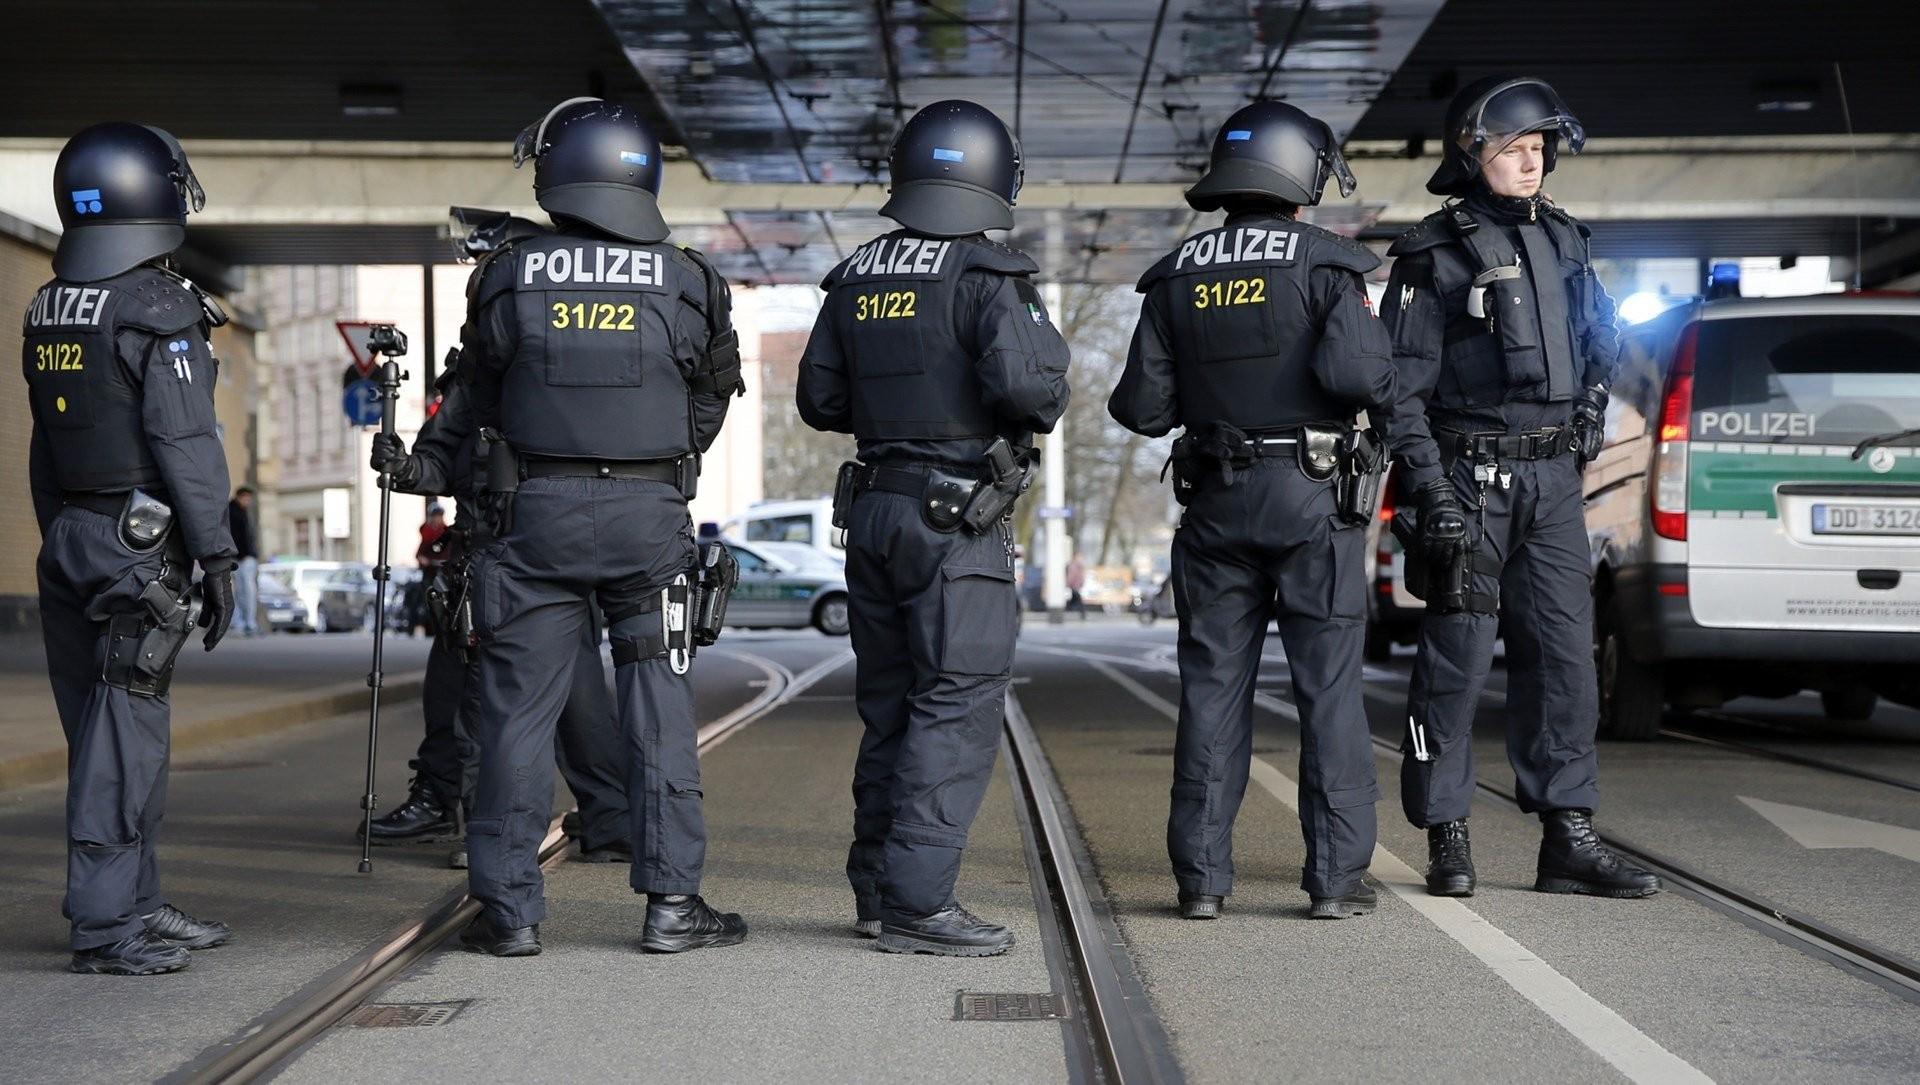 Три предполагаемых исламиста, имеющих связи сИГ, задержаны вБерлине